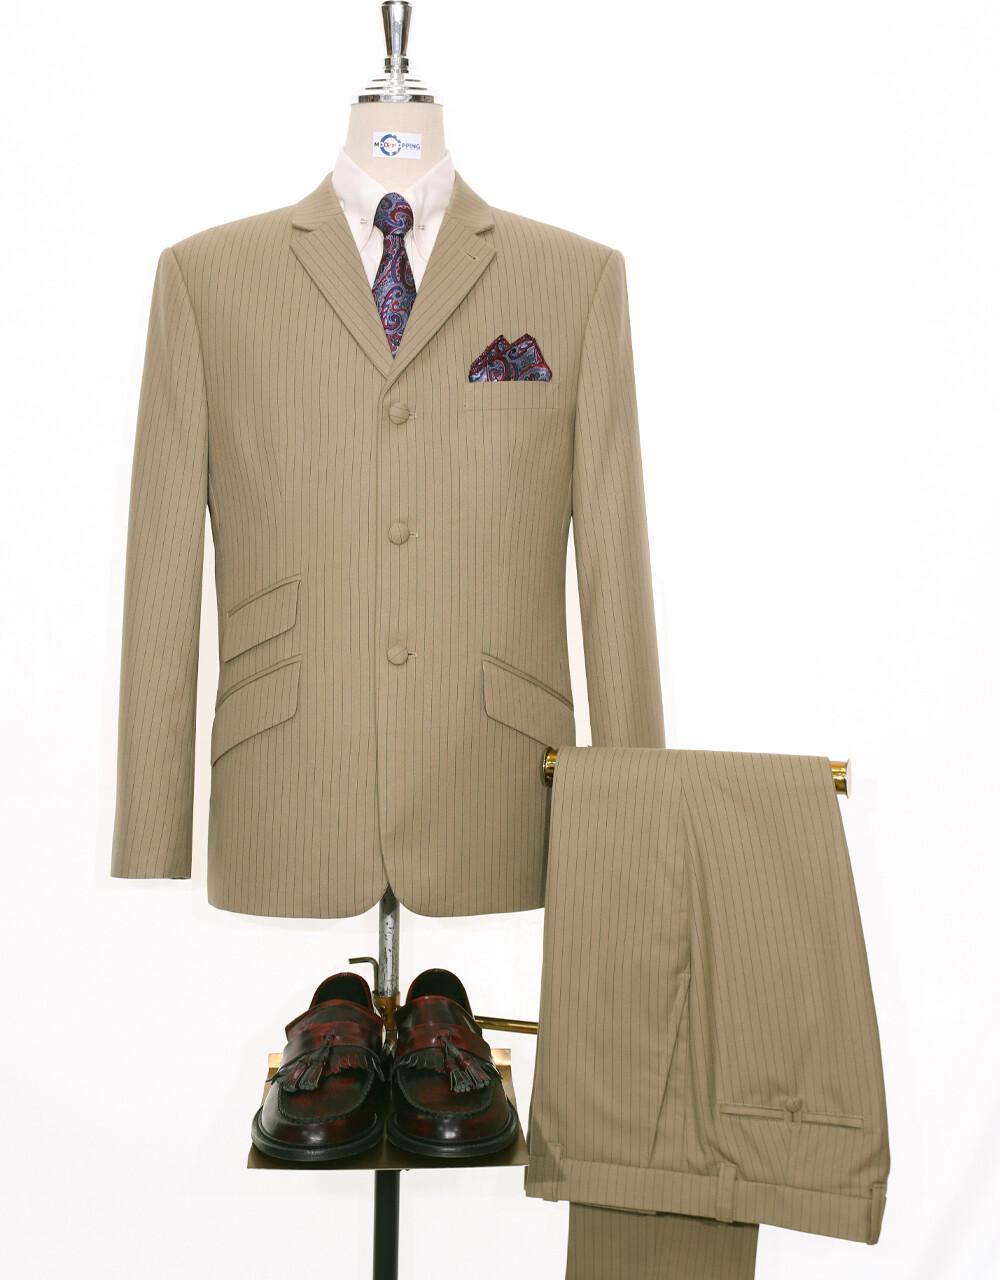 Pinstripe Suit | Beige Pinstripe 3 Button Mod Suit